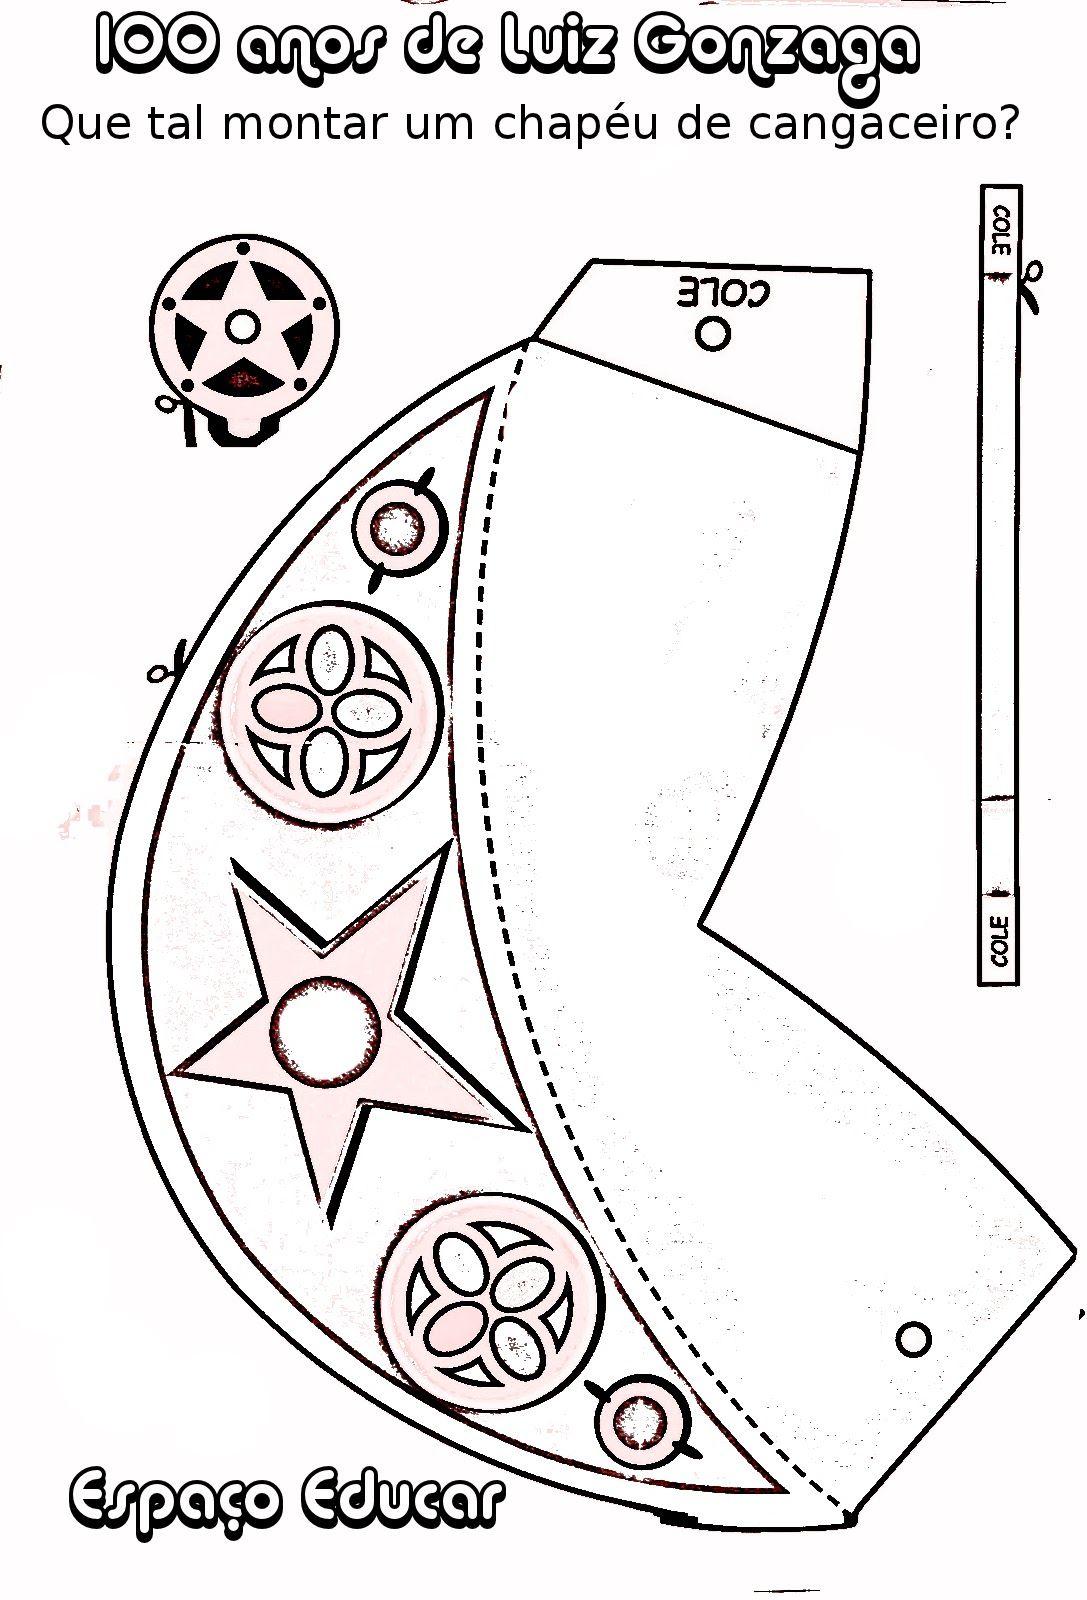 molde de chapéu de cangaceiro para imprimir recortar e montar